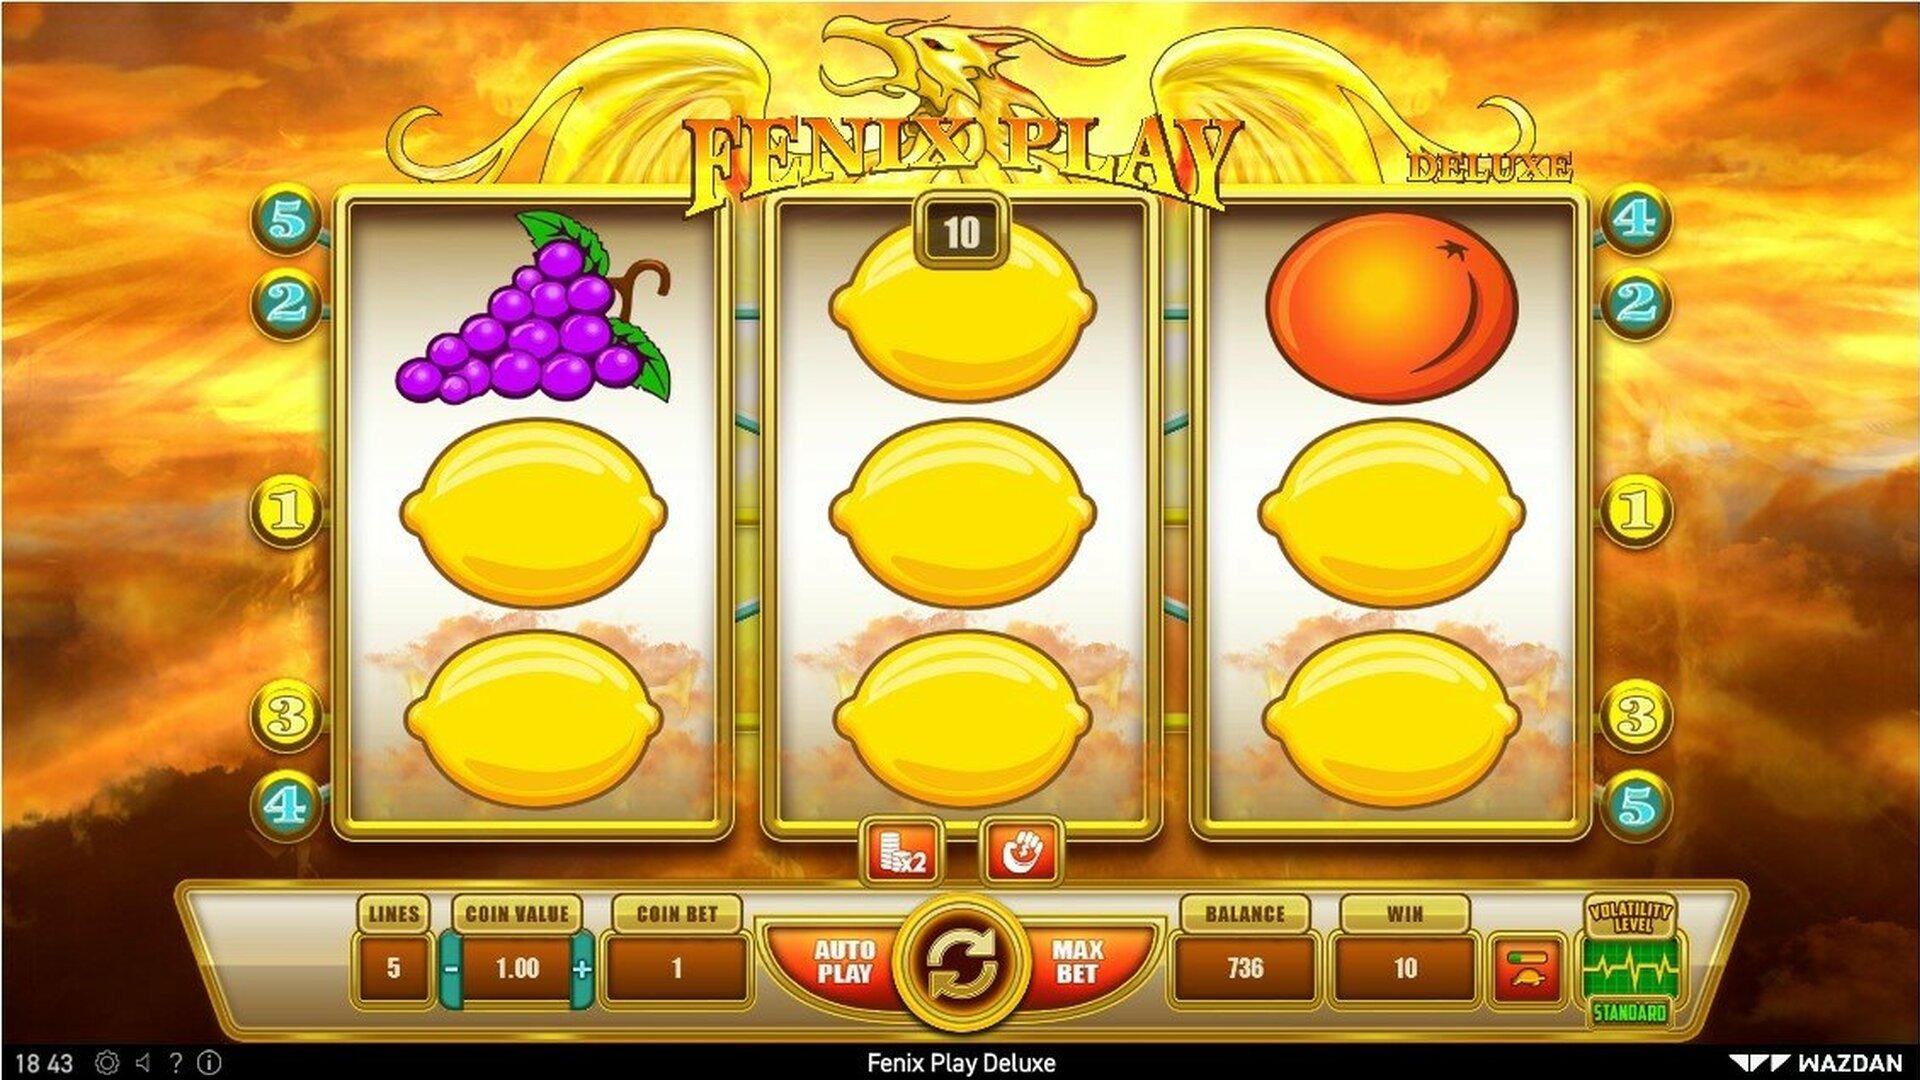 Fenix Play Deluxe Slot Machine